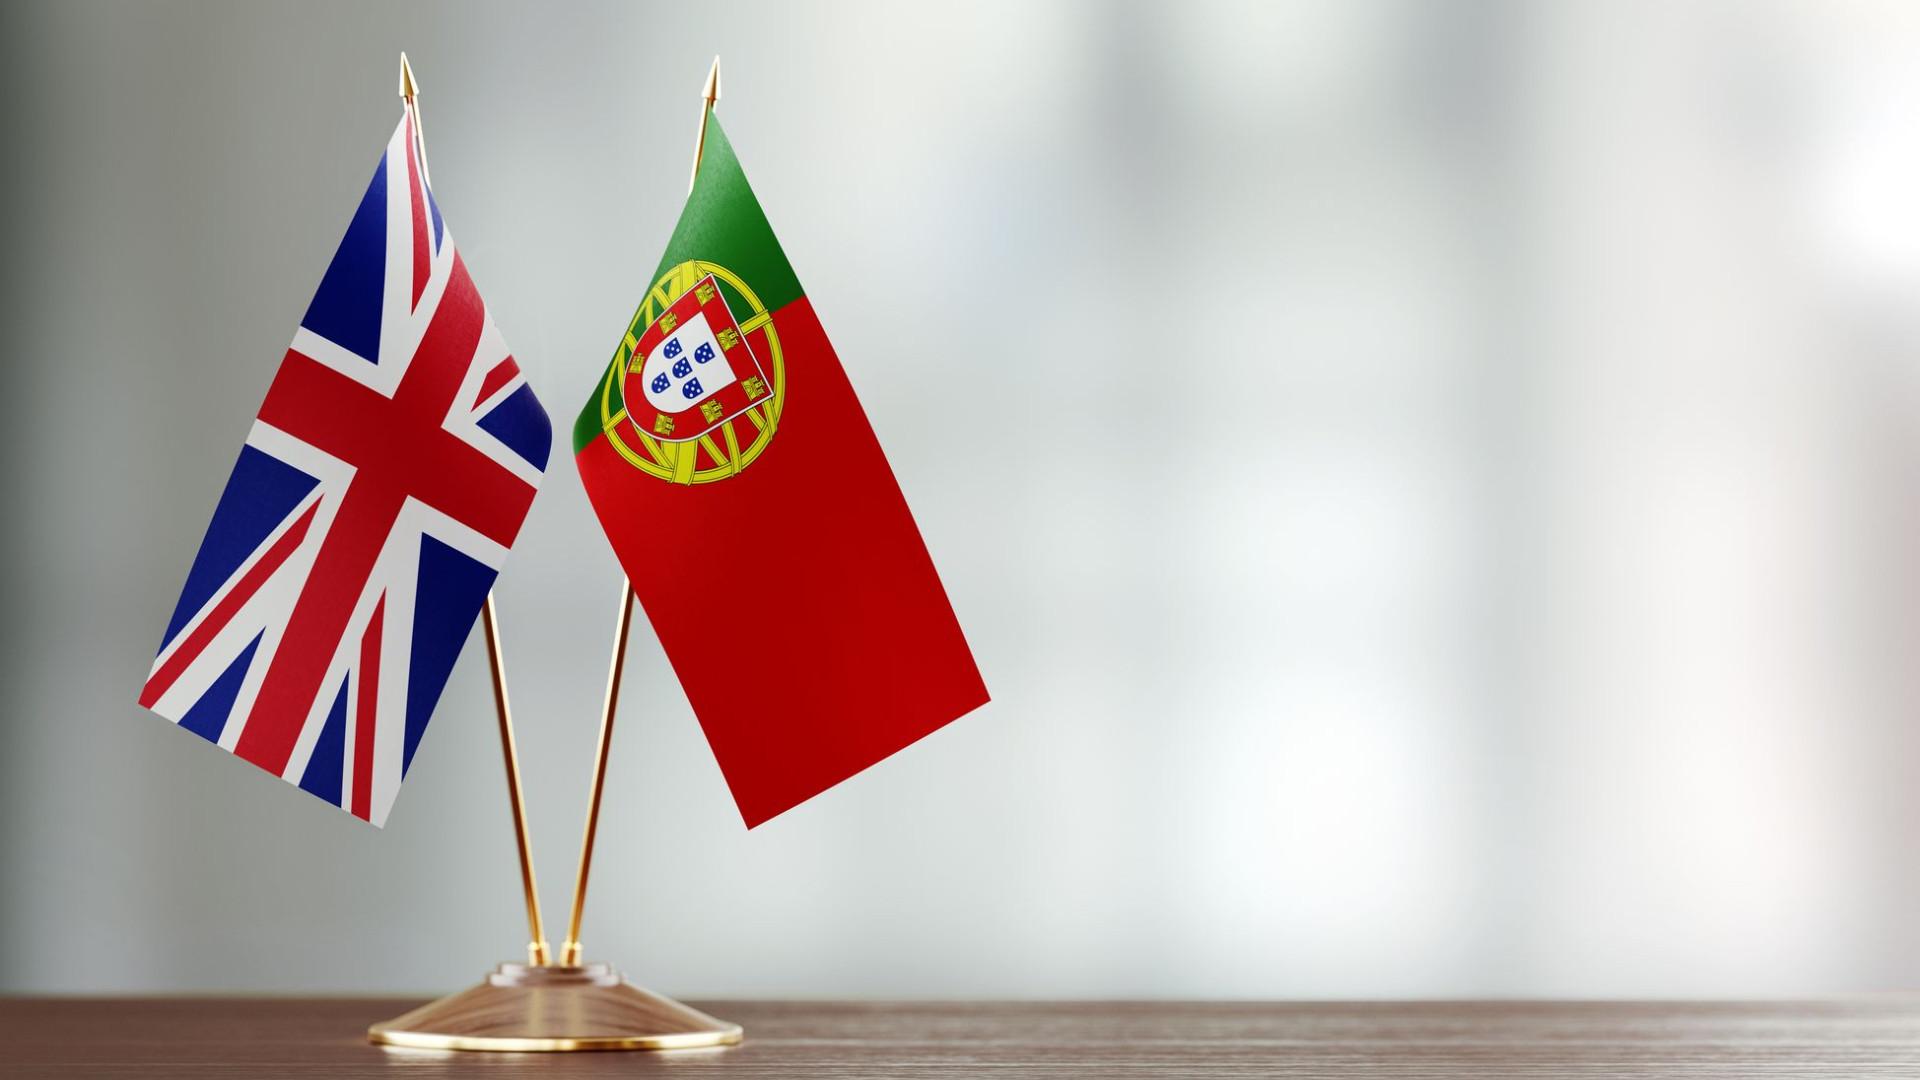 Transações aduaneiras ilícitas entre Portugal e Reino Unido fiscalizadas